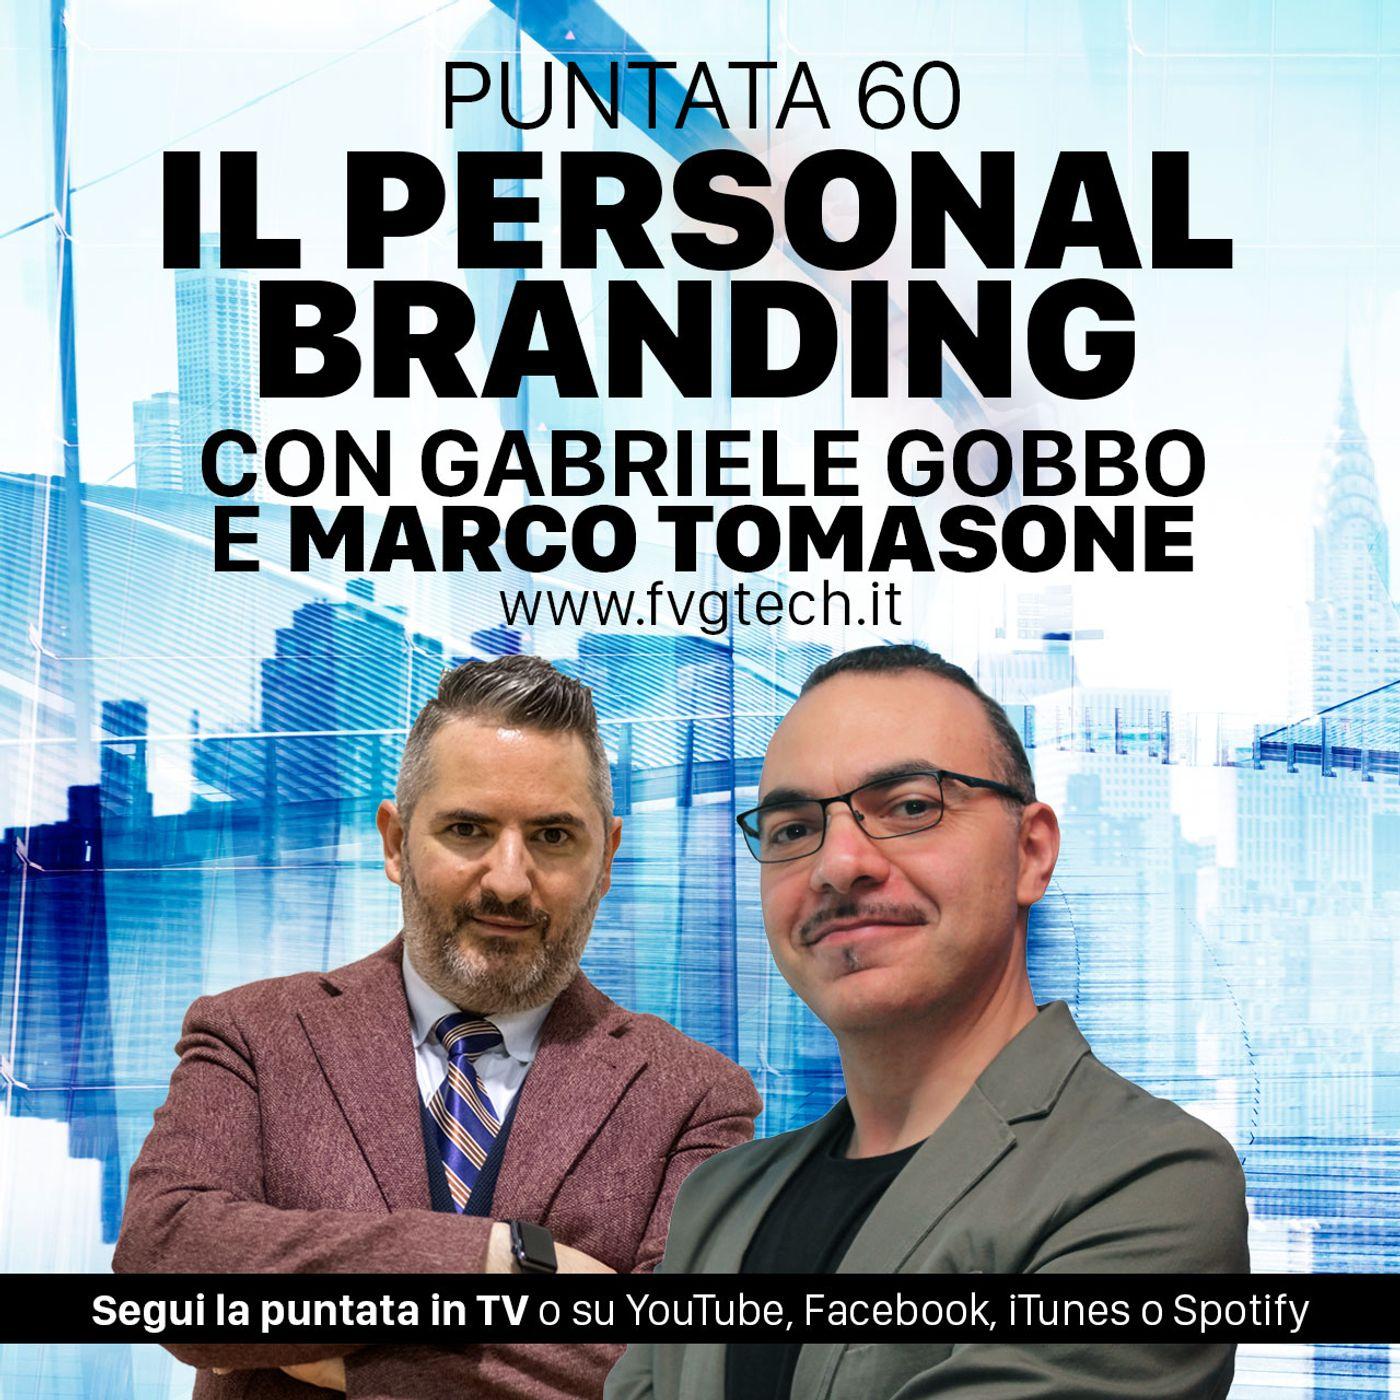 60 - Fare personal branding per bene. Ospite Marco Tomasone